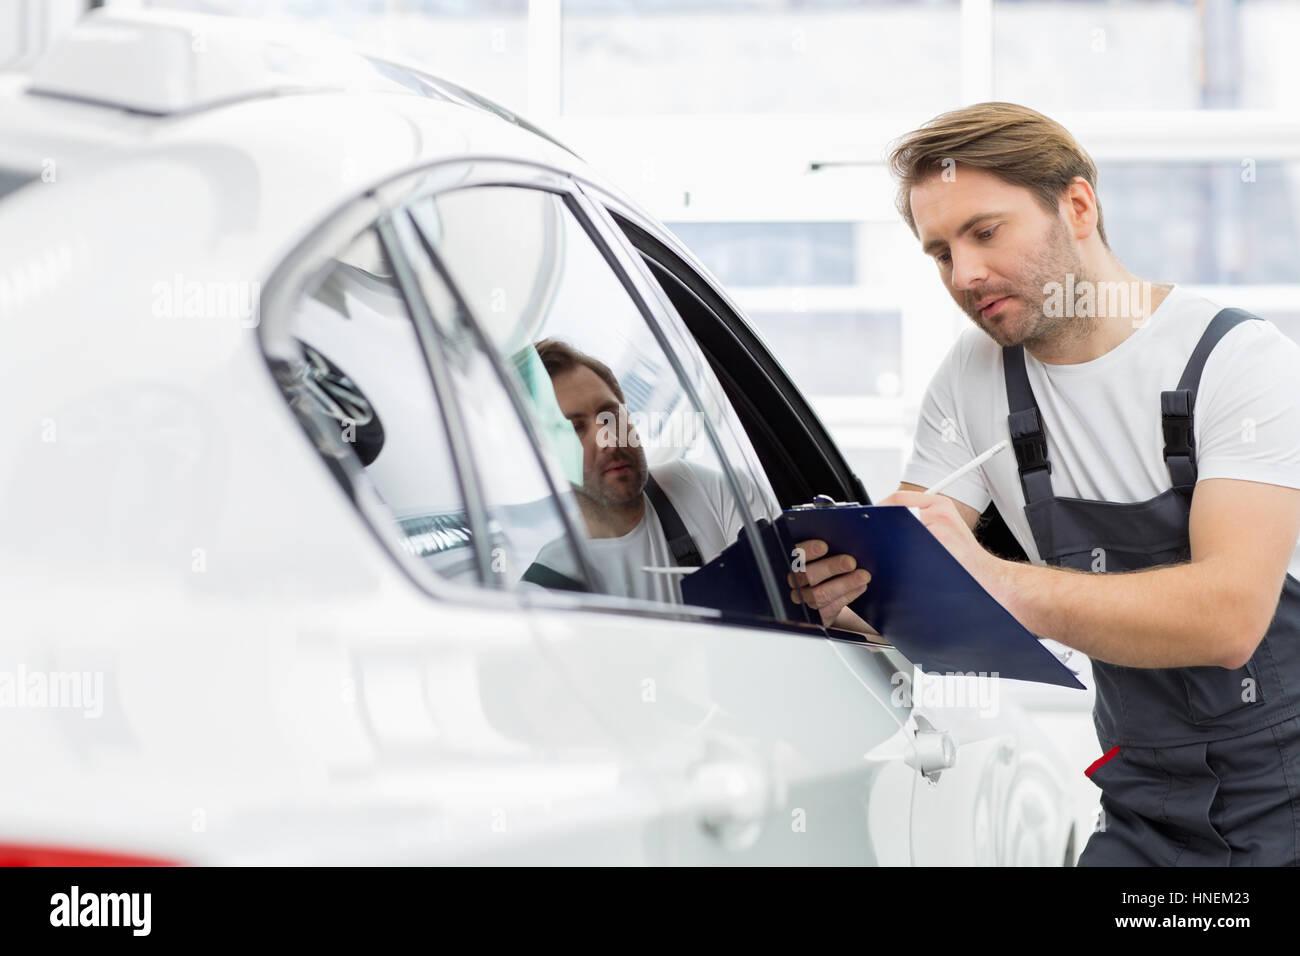 Mecánico de automóviles escrito el portapapeles mientras examina el coche en el taller de reparación Imagen De Stock